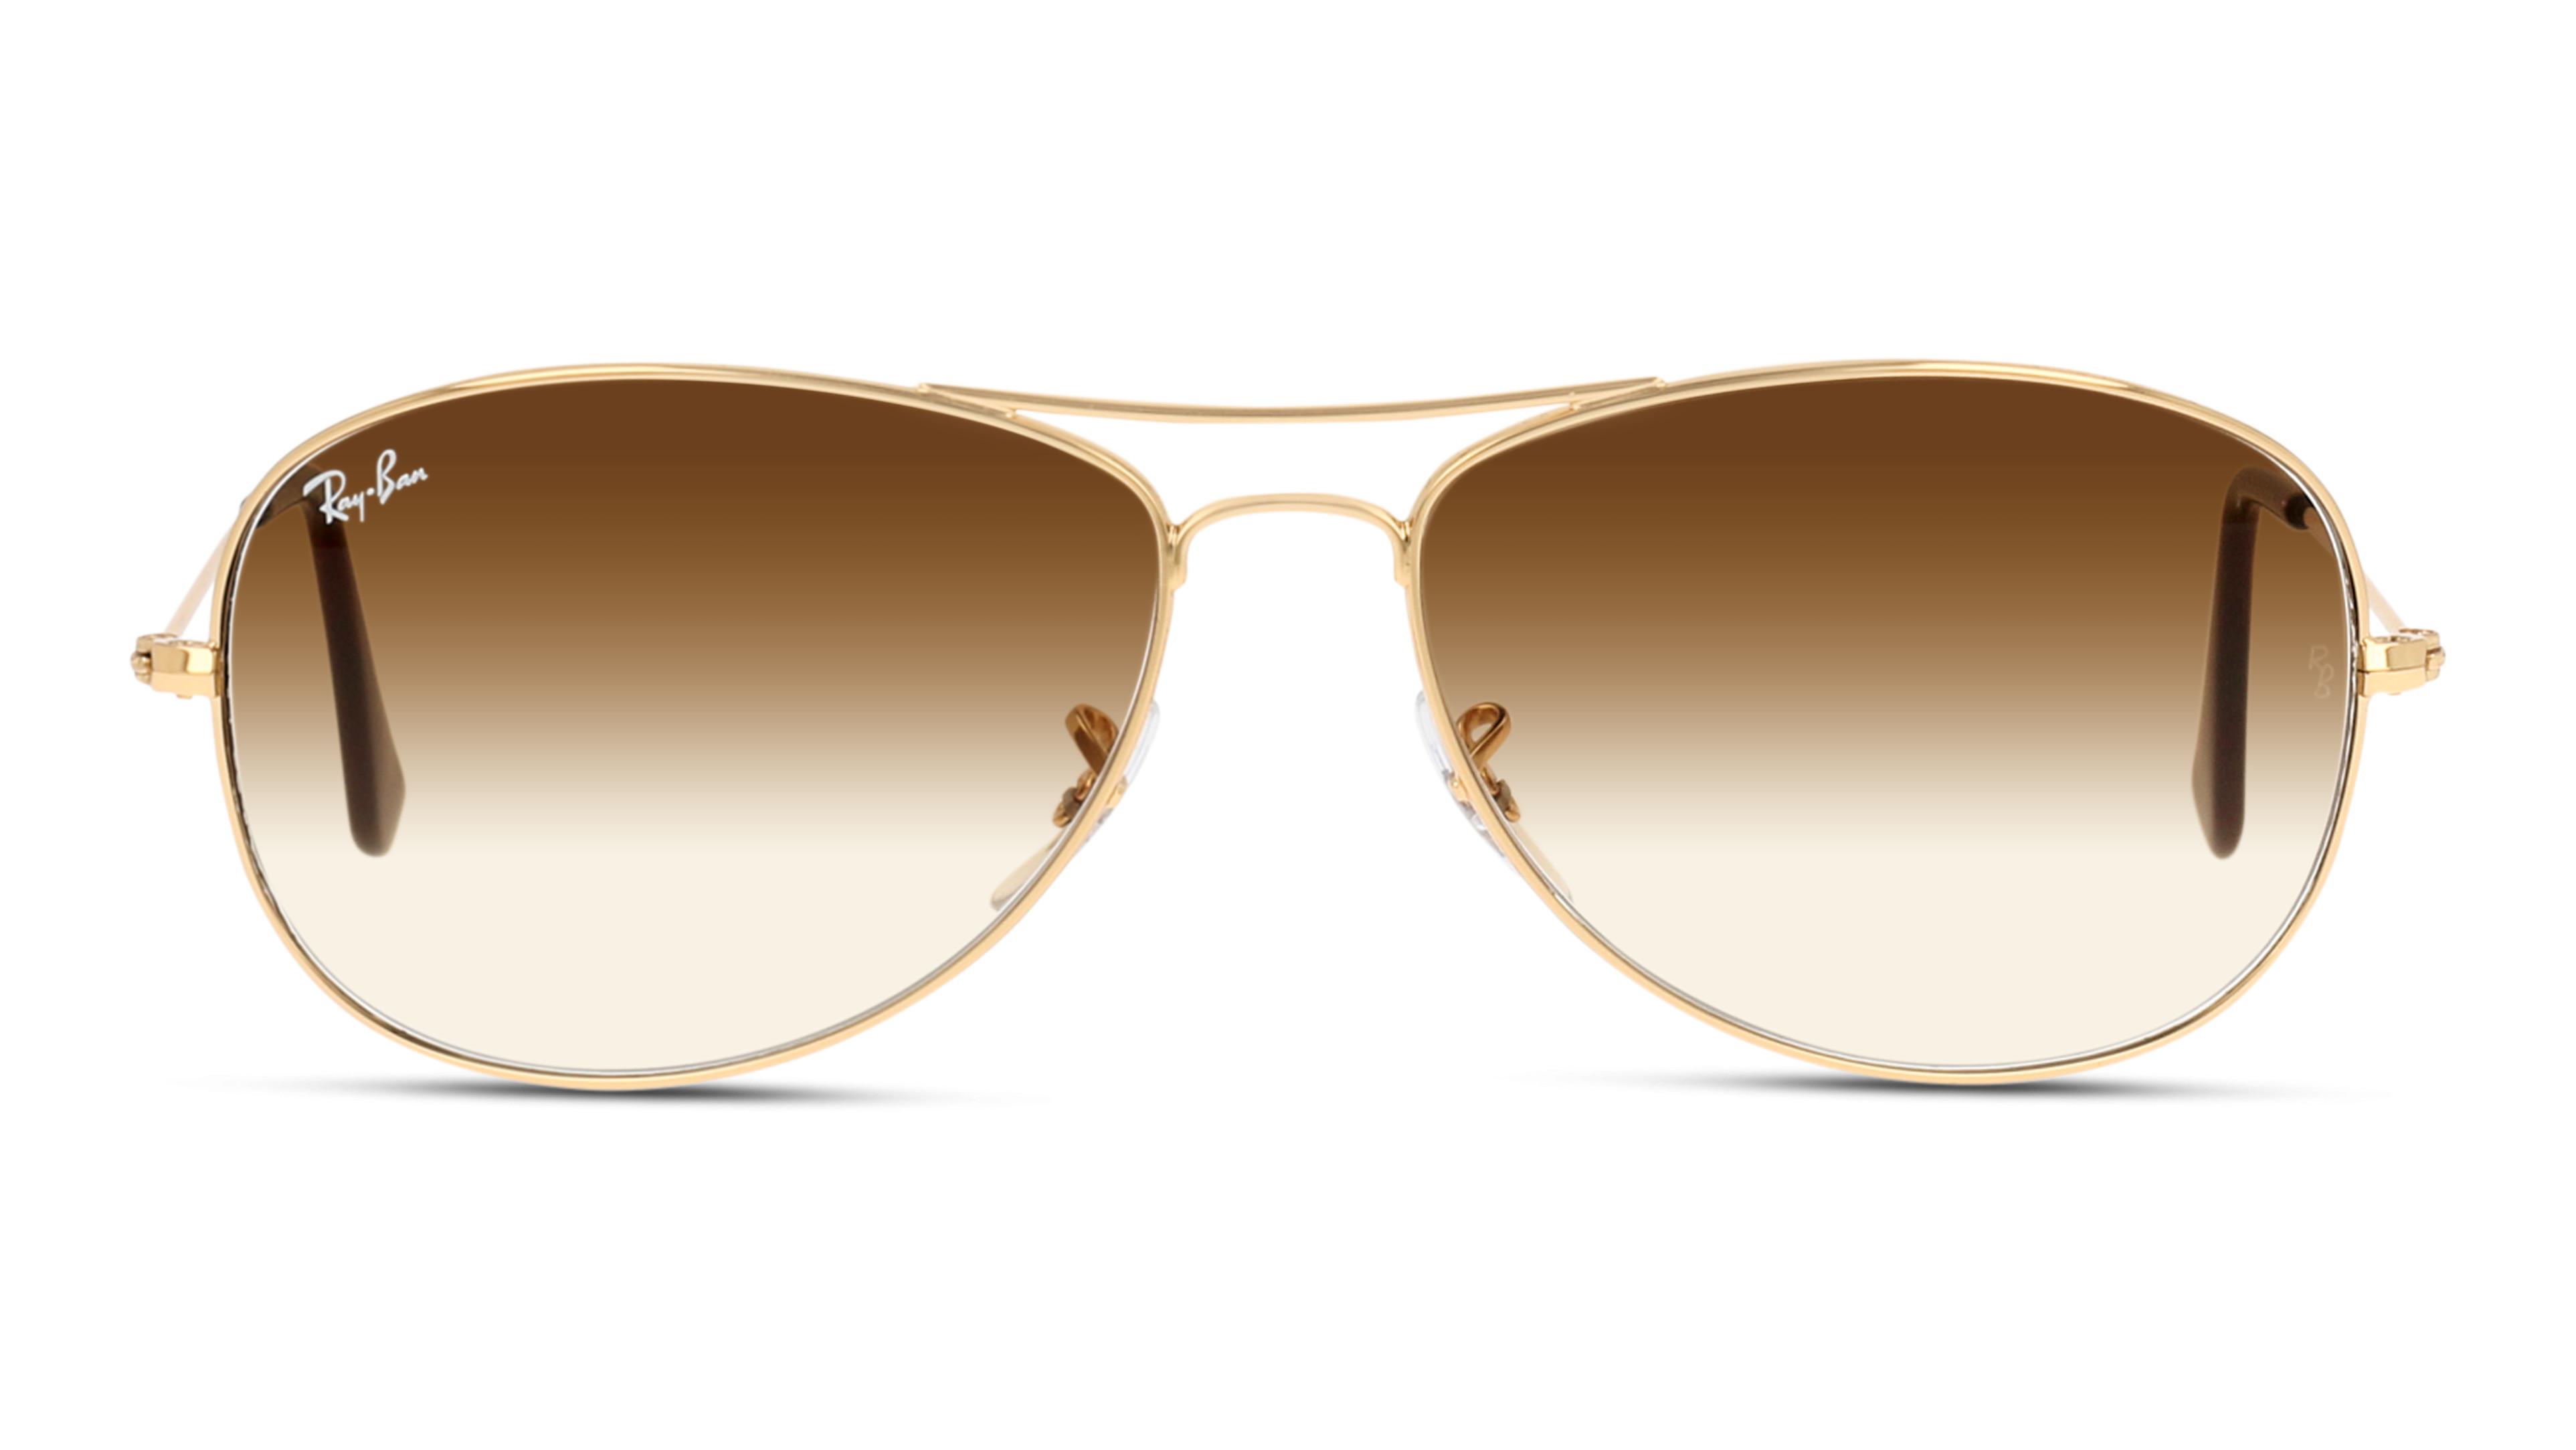 805289275268-front-01-rayban-glasses-eyewear-pair